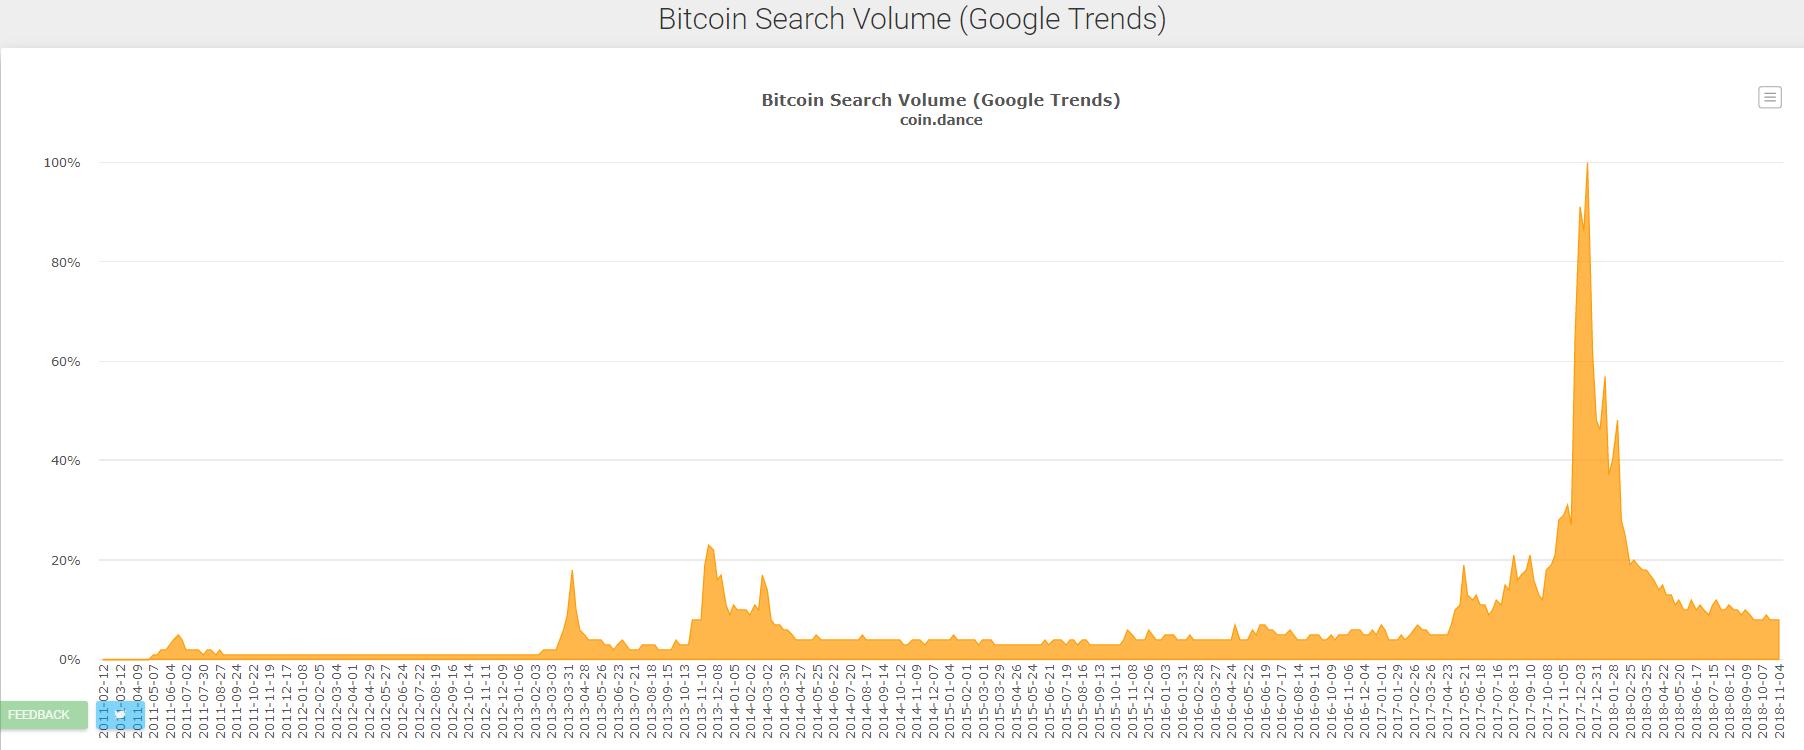 популярность запроса слова bitcoin